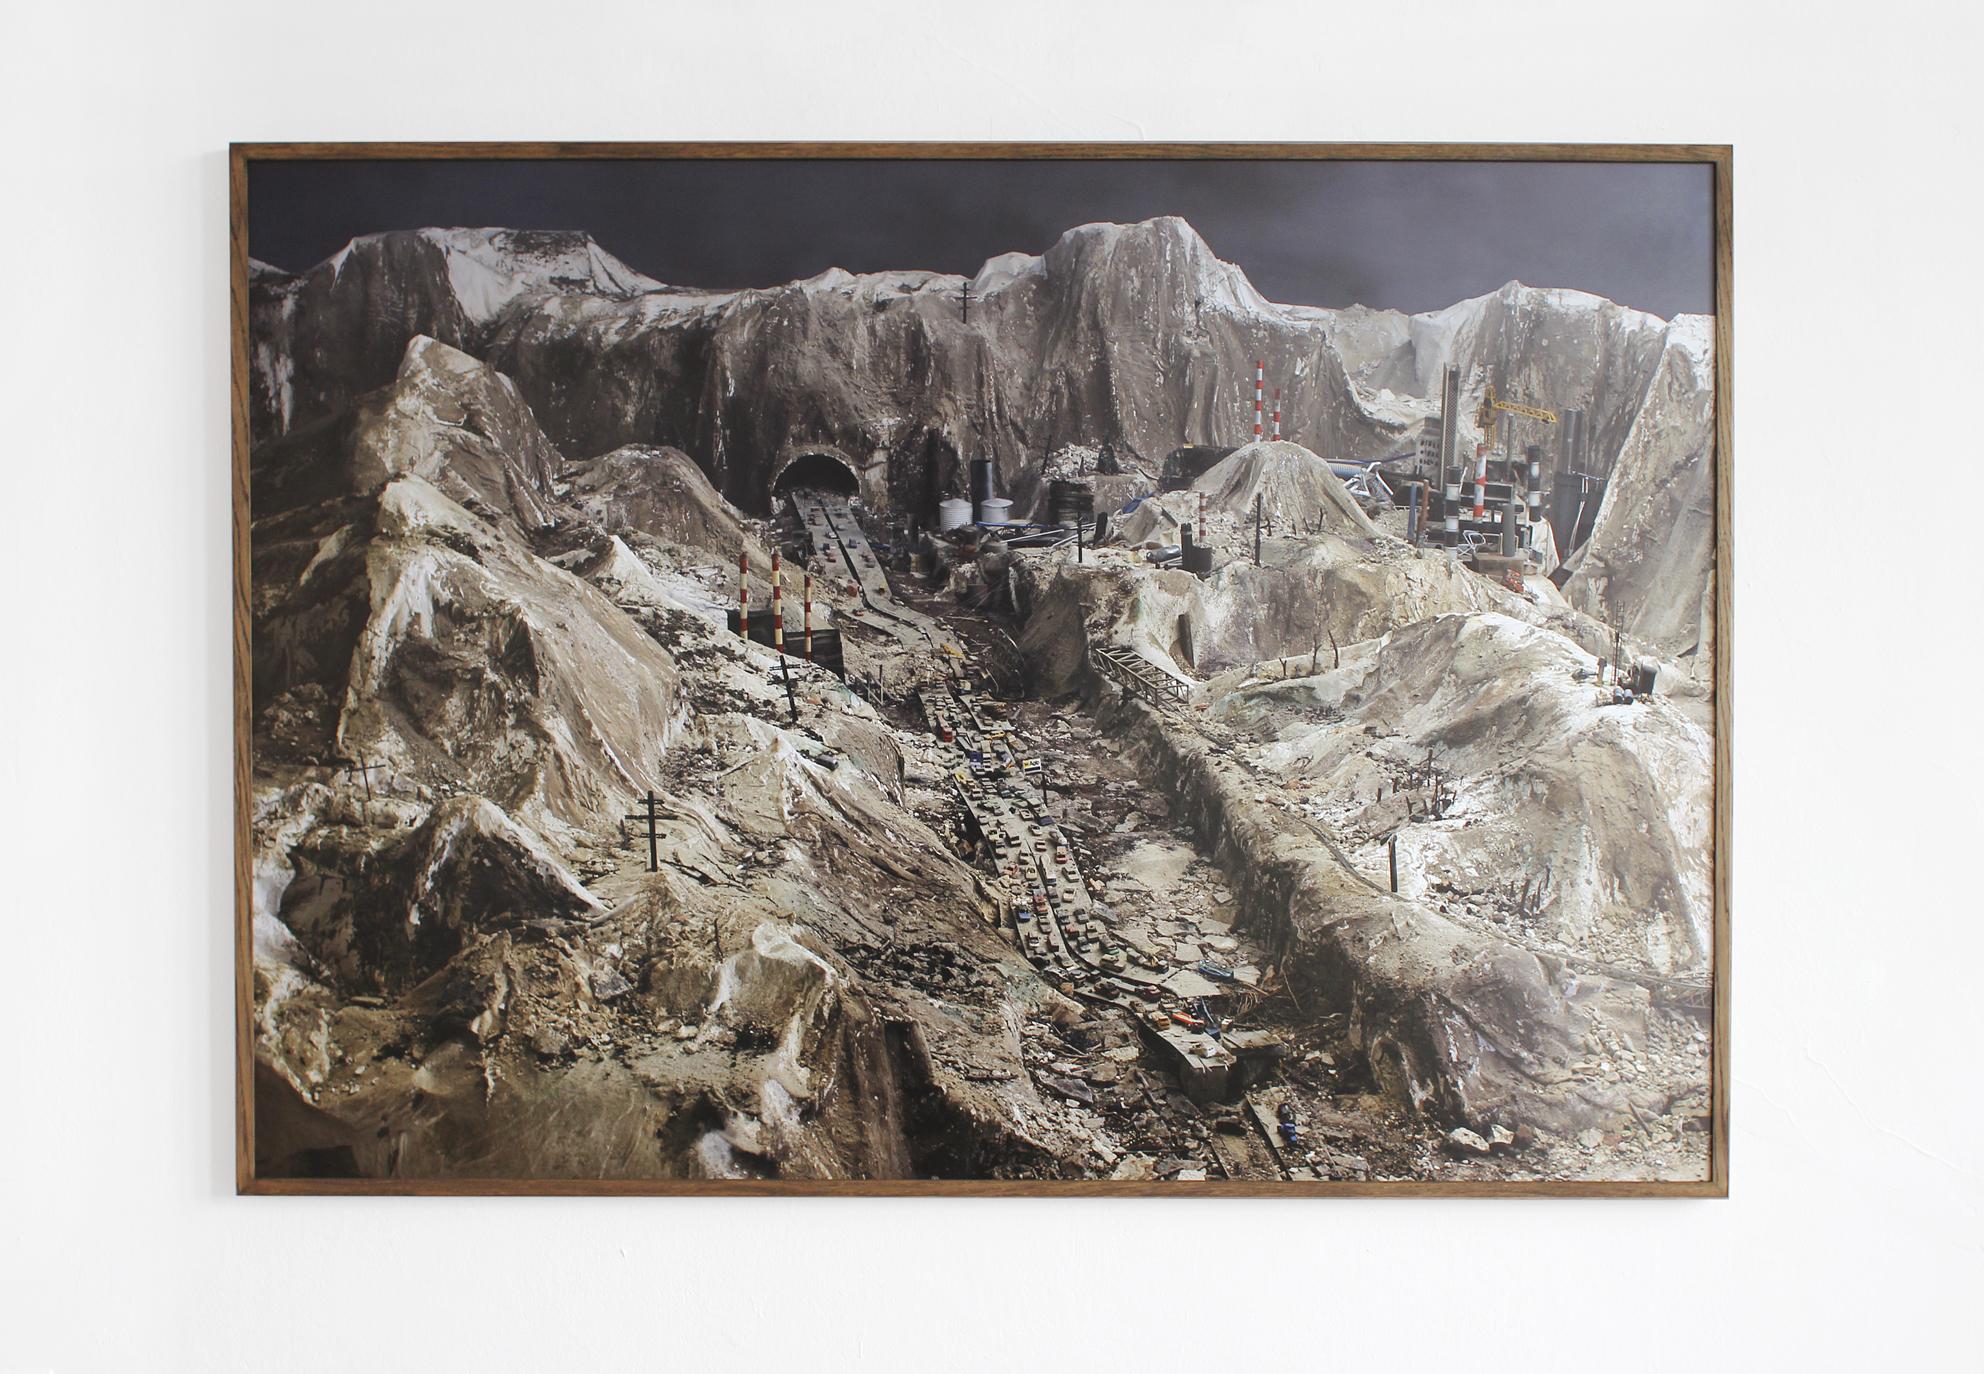 Christoph Draeger, Catastrophe 3, 2014, fotografia, wydruk cyfrowy